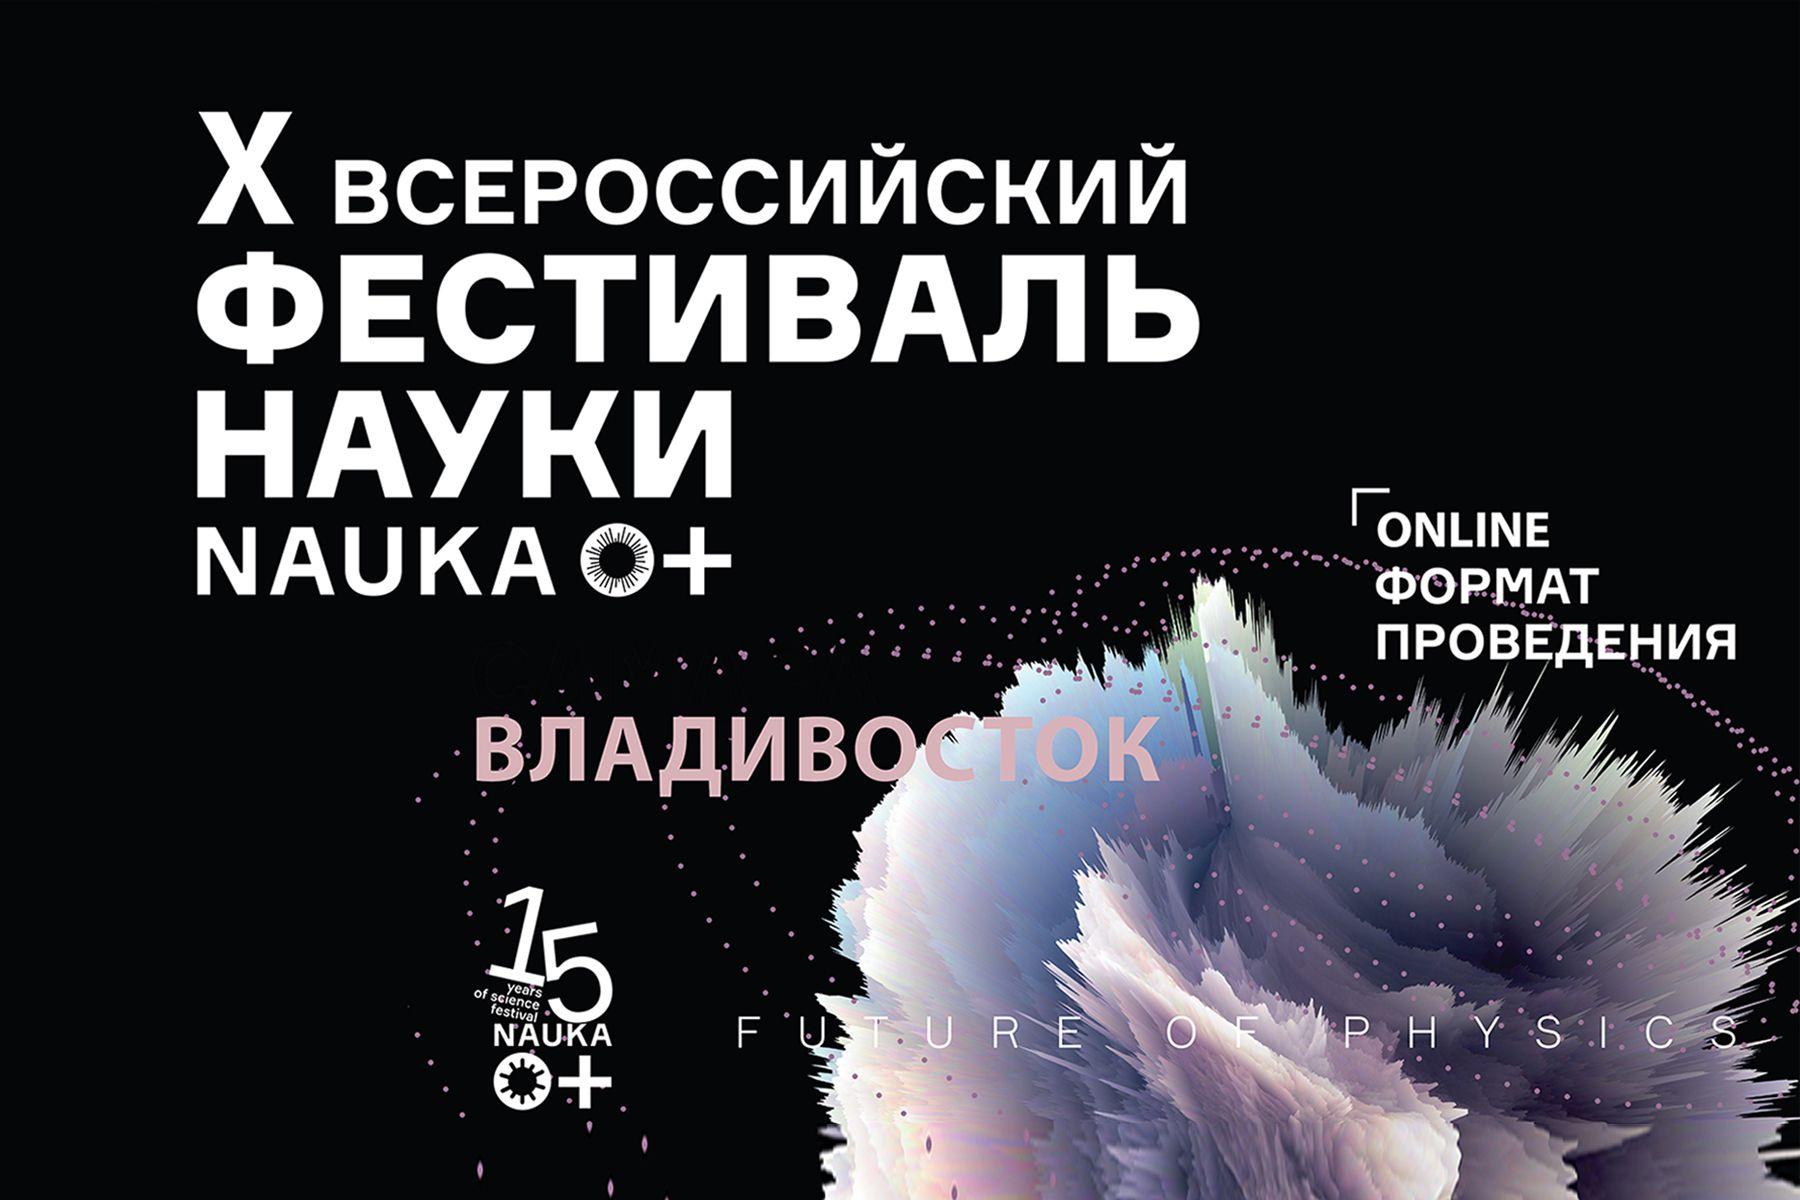 «Физика будущего», математические основы мира и научные экспедиции в царство природы: в рамках Всероссийского фестиваля науки NAUKA 0+ прошли онлайн-лекции по актуальным темам